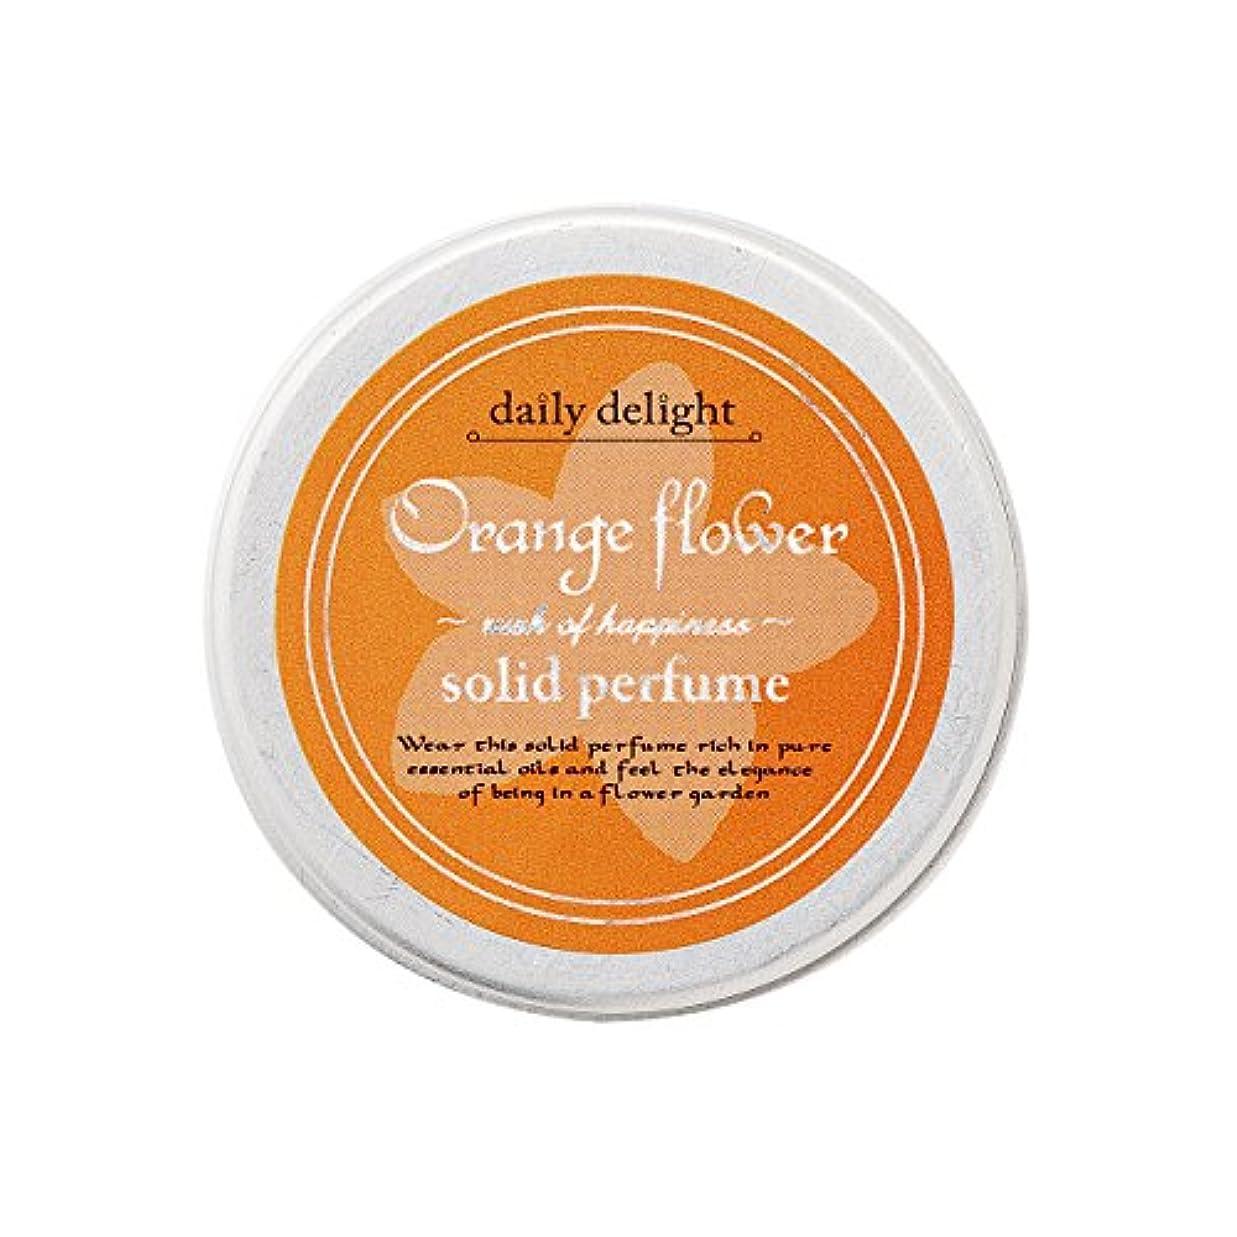 フォームフィルタ標準デイリーディライト 練り香水 オレンジフラワー  10g(香水 携帯用 ソリッドパフューム アルコールフリー なつかしい甘さが残るオレンジフラワーの香り)